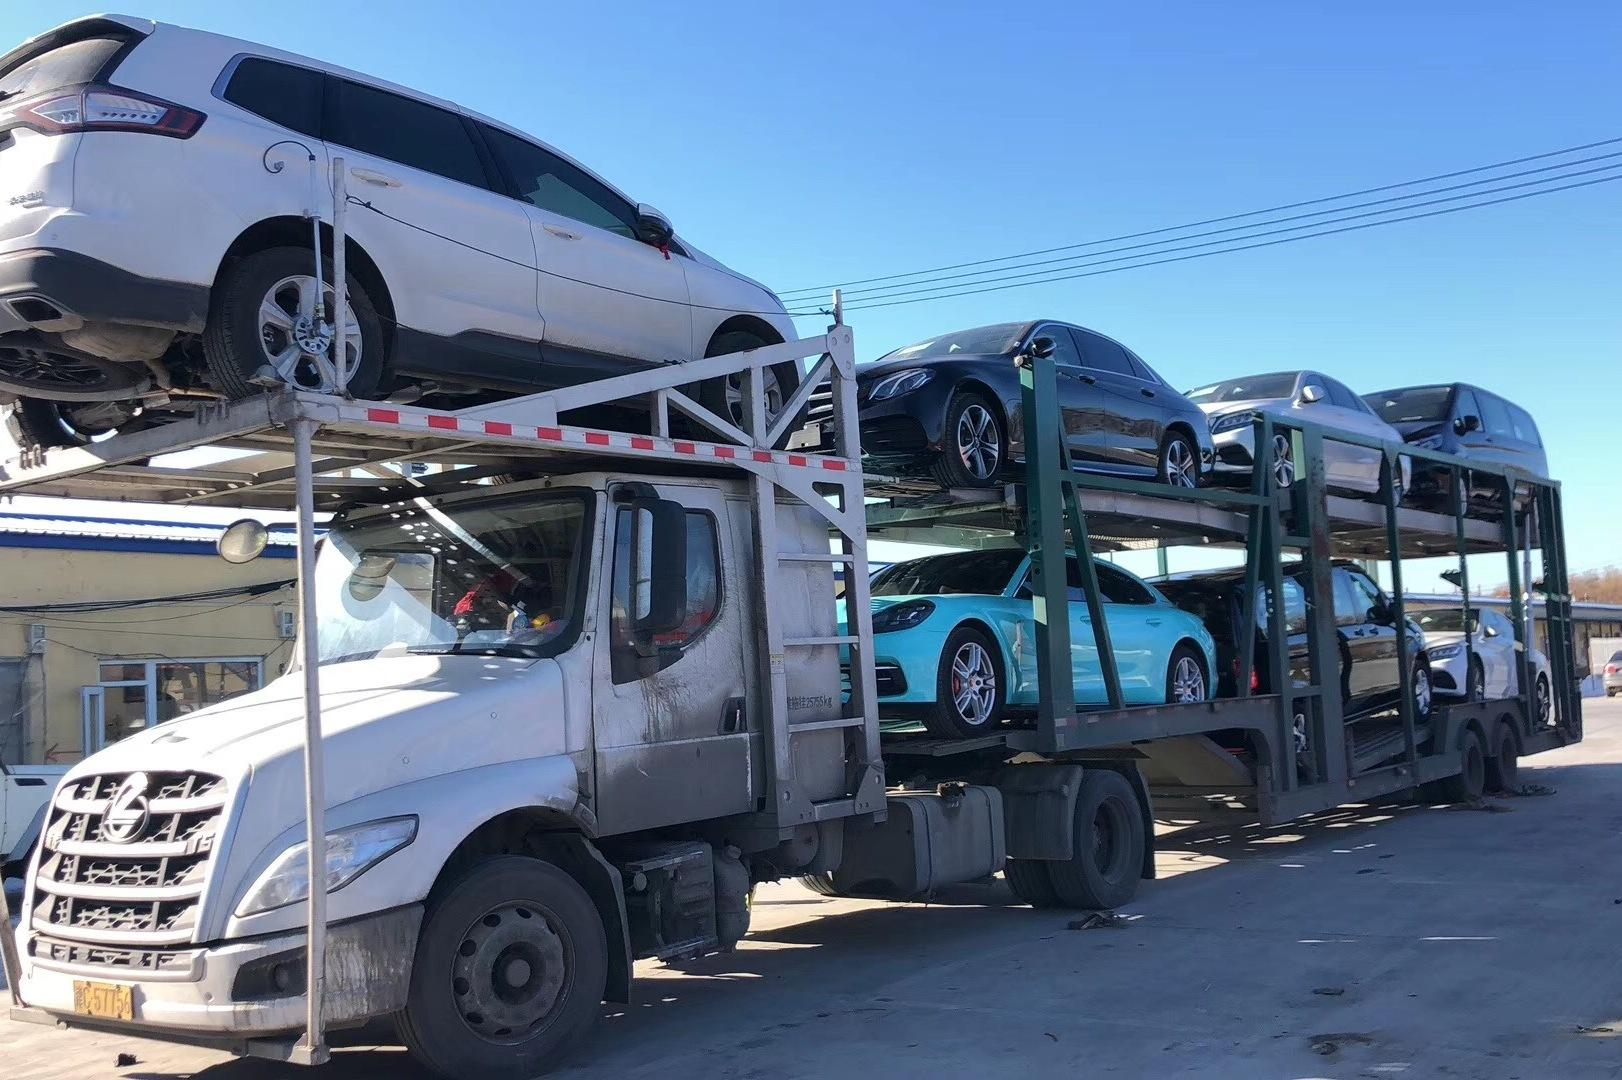 西藏拉萨托运私家车到成都的费用大概是多少钱?